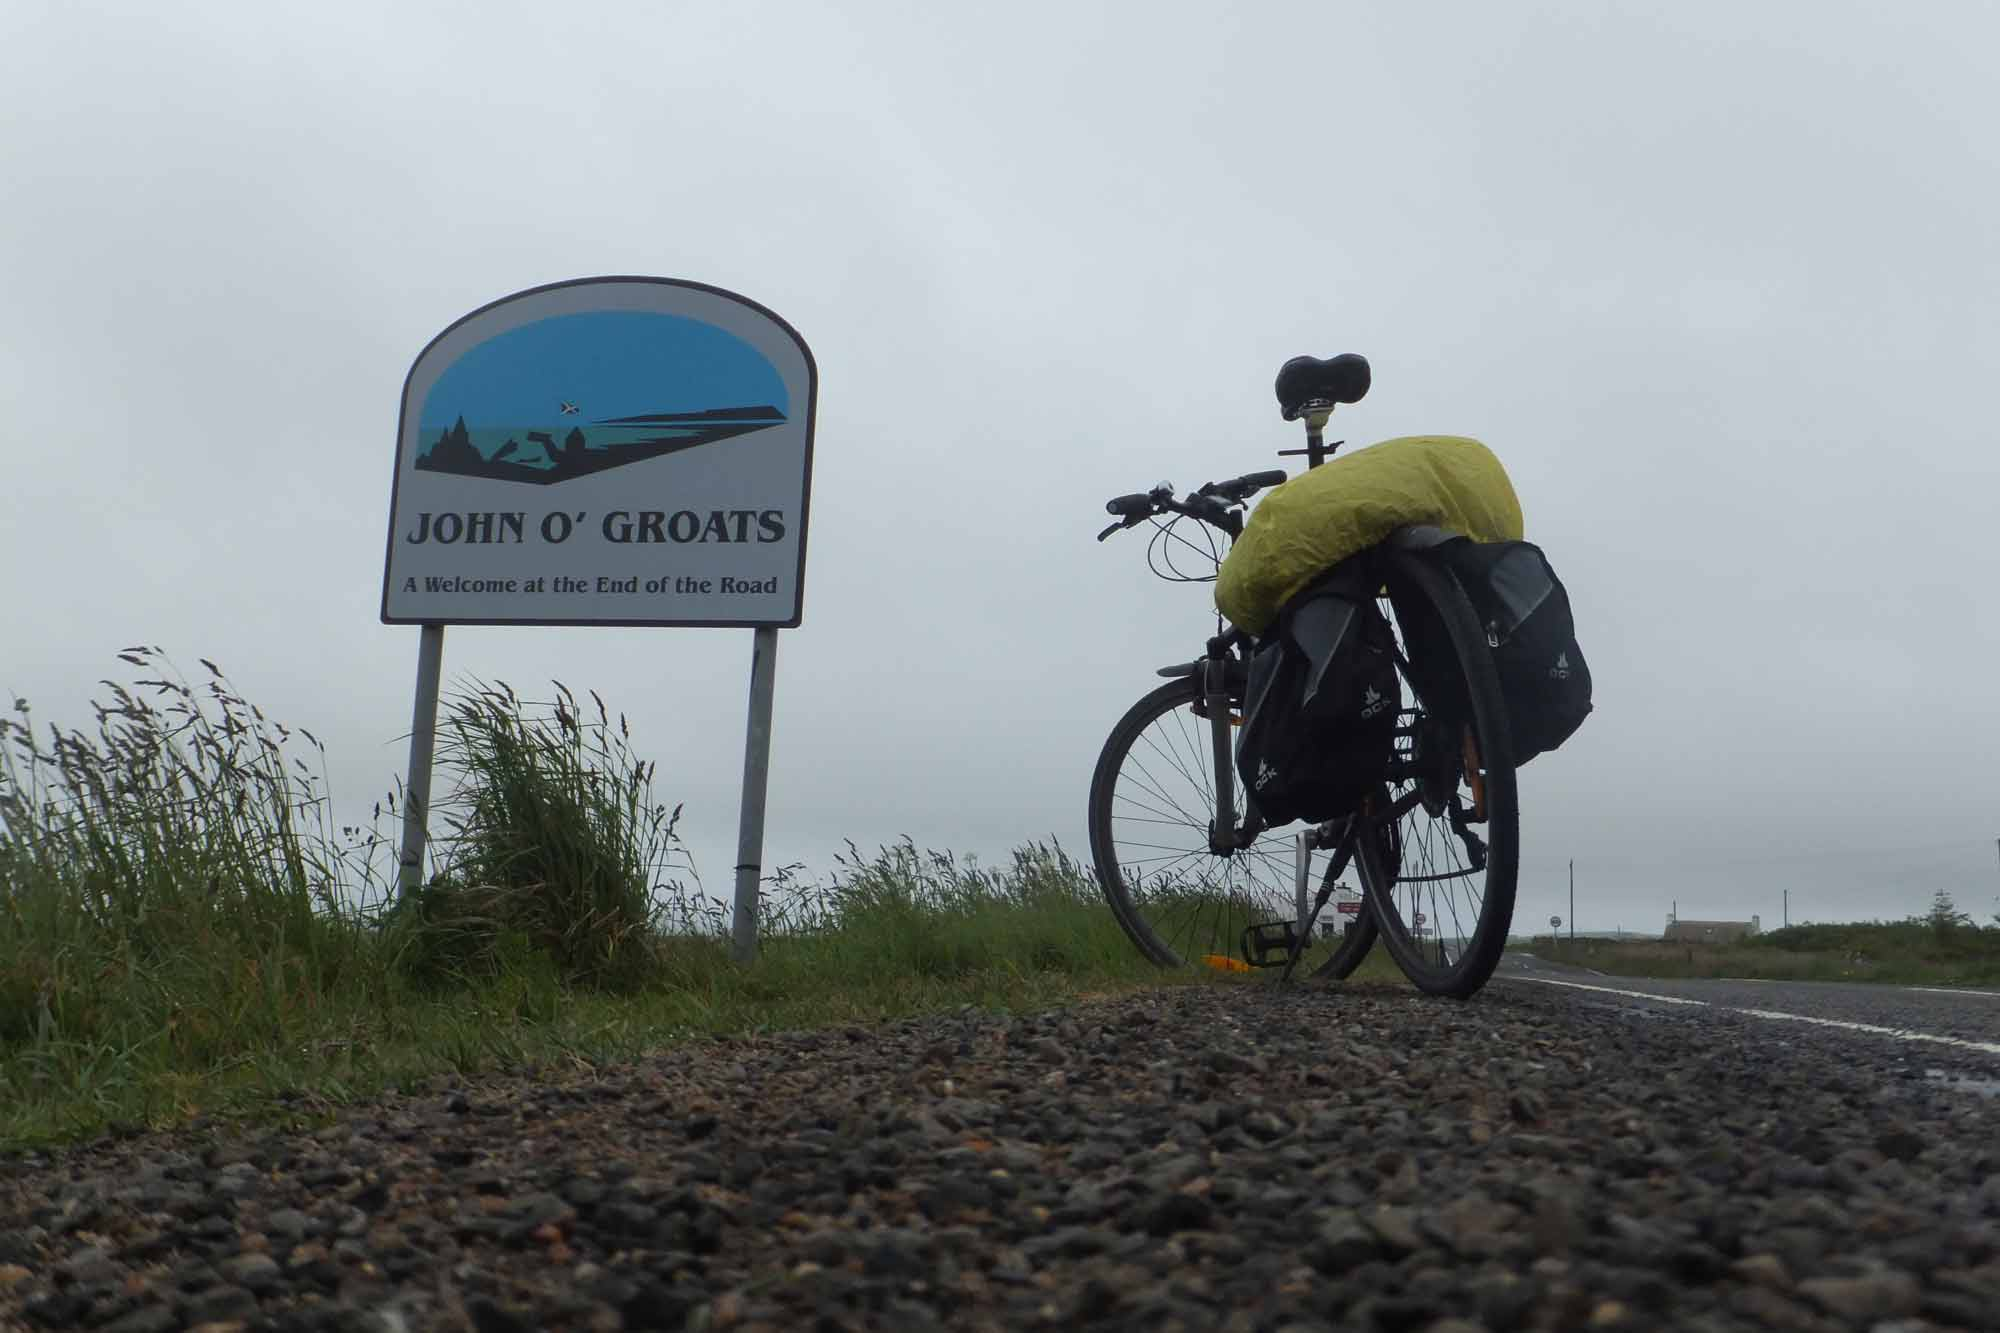 Mit dem Fahrrad von Lands End nach John O'Groats – Reisebericht (Teil 2)